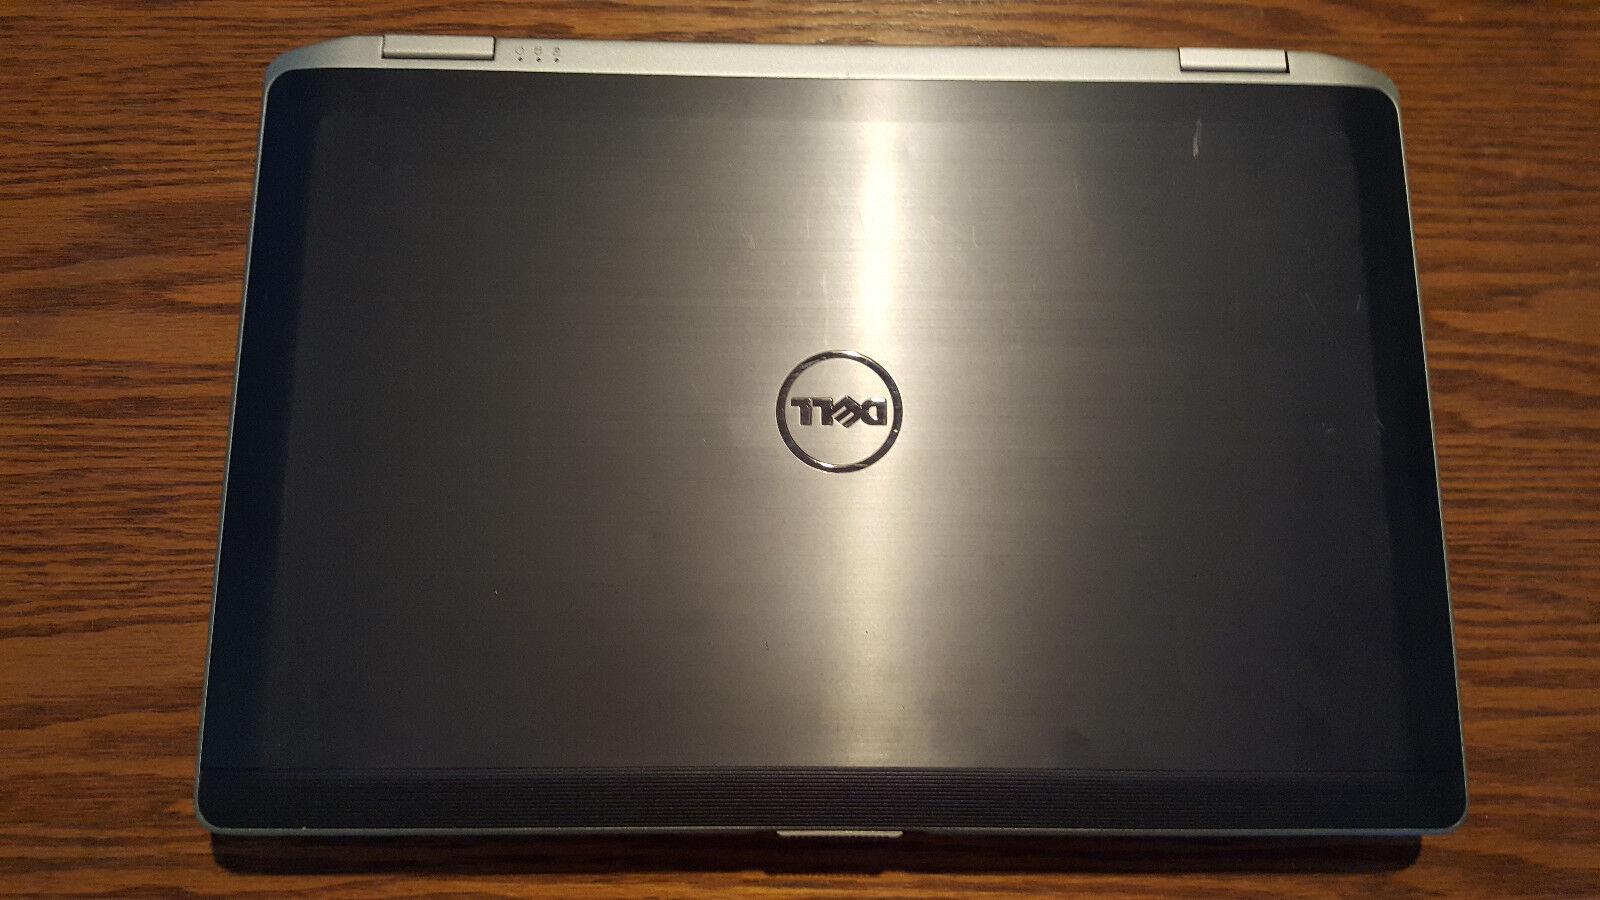 Dell Latitude E6530 Core i7 3520M 2.9GHz / 8gb ram/ 180GB ssd